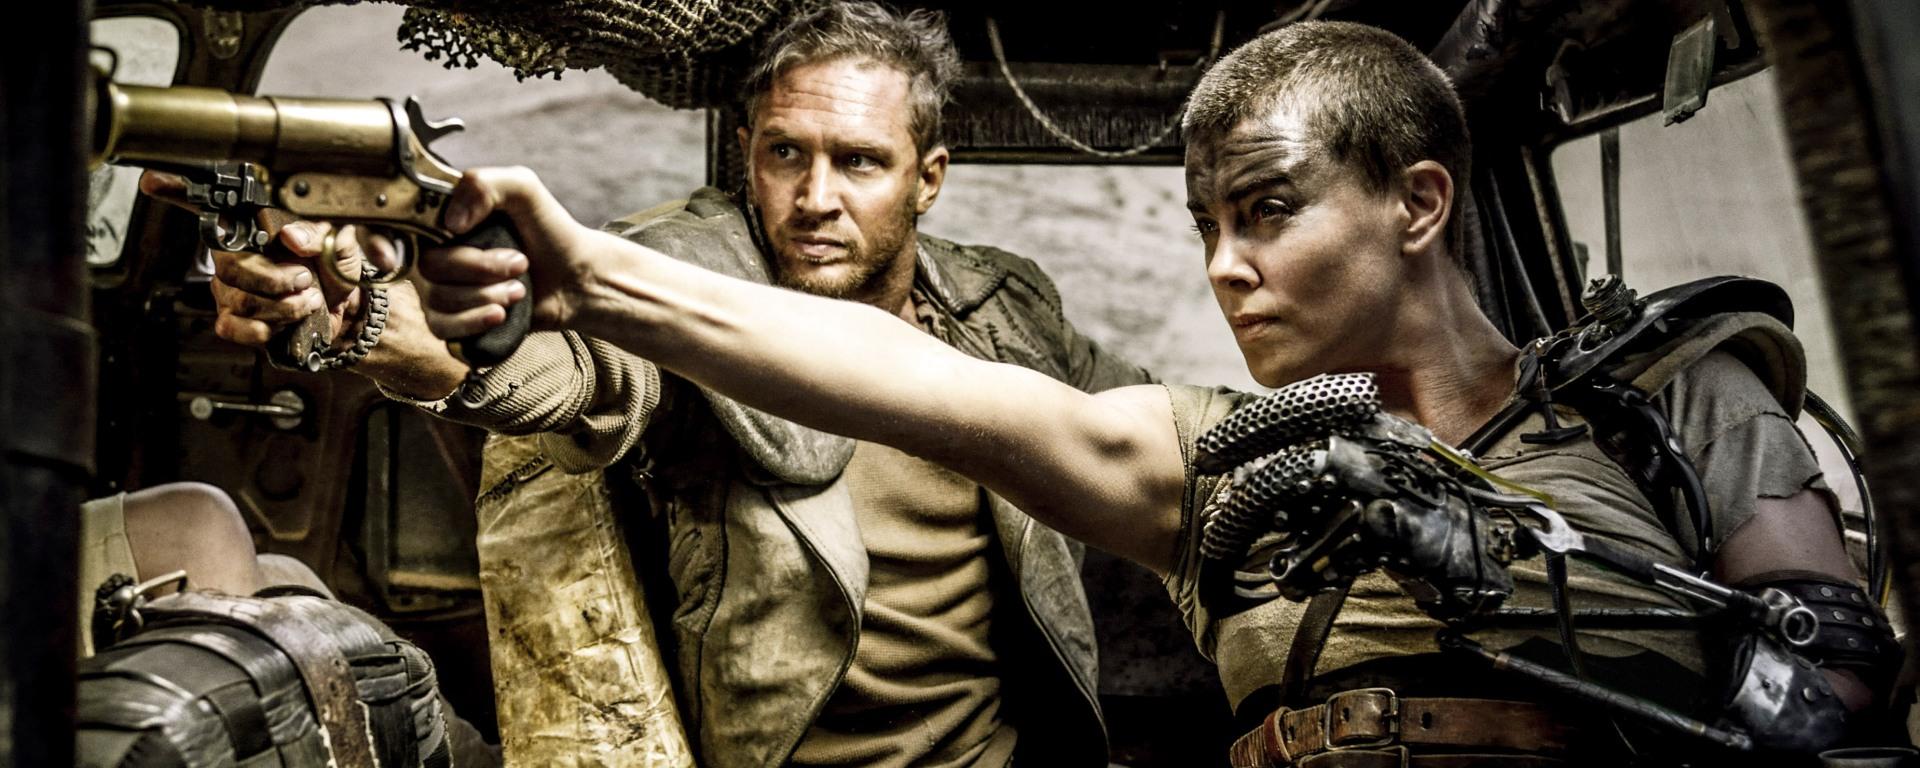 películas de mujeres poderosas Mad Max Fury Road